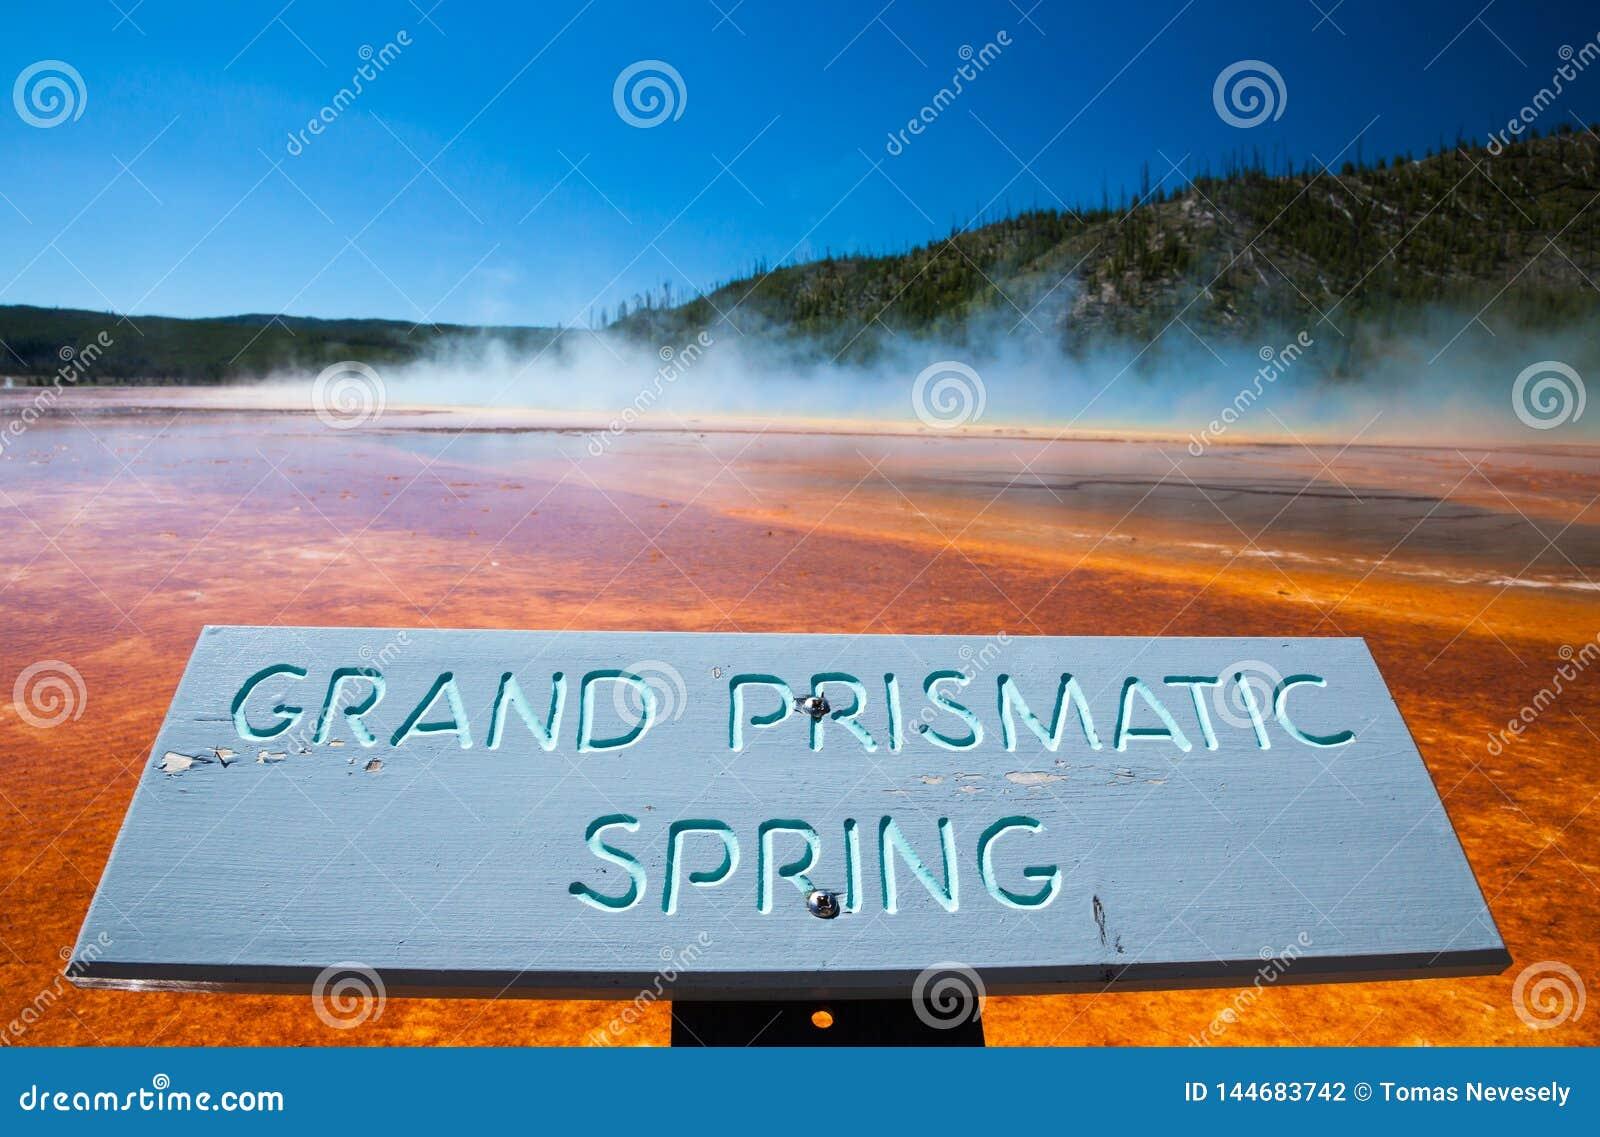 YELLOWSTONE NP, WYOMING, U.S.A. - 2 LUGLIO 2011: La grande primavera prismatica nel parco nazionale di Yellowstone